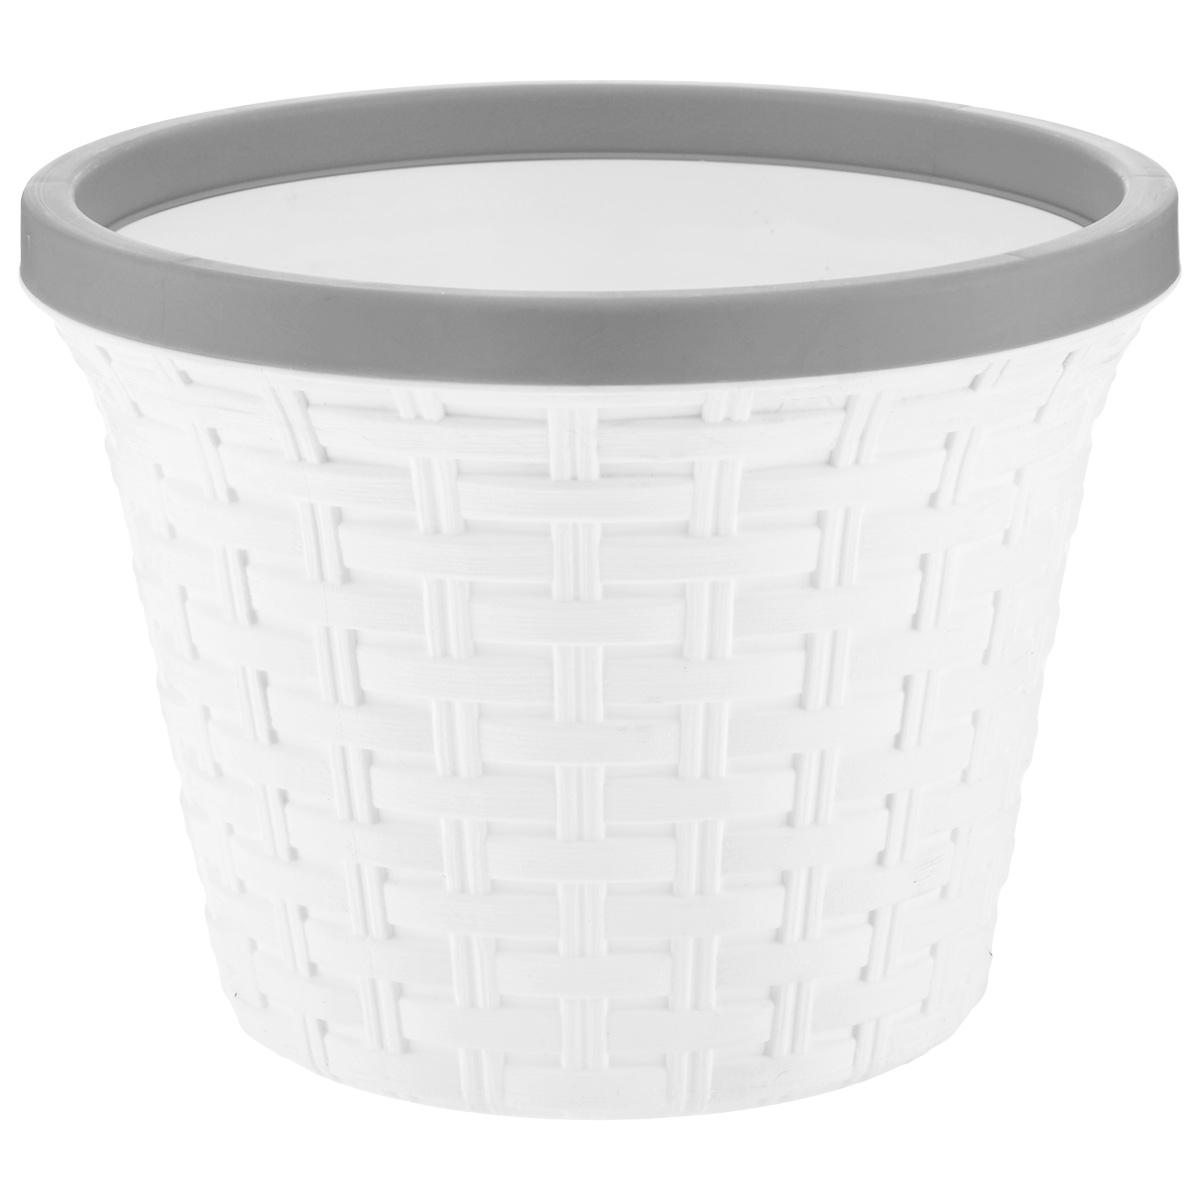 Кашпо круглое Violet Ротанг, с дренажной системой, цвет: белый, 3,4 л32340/6Круглое кашпо Violet Ротанг изготовлено из высококачественного пластика и оснащено дренажной системой для быстрого отведения избытка воды при поливе. Изделие прекрасно подходит для выращивания растений и цветов в домашних условиях. Лаконичный дизайн впишется в интерьер любого помещения.Объем: 3,4 л.